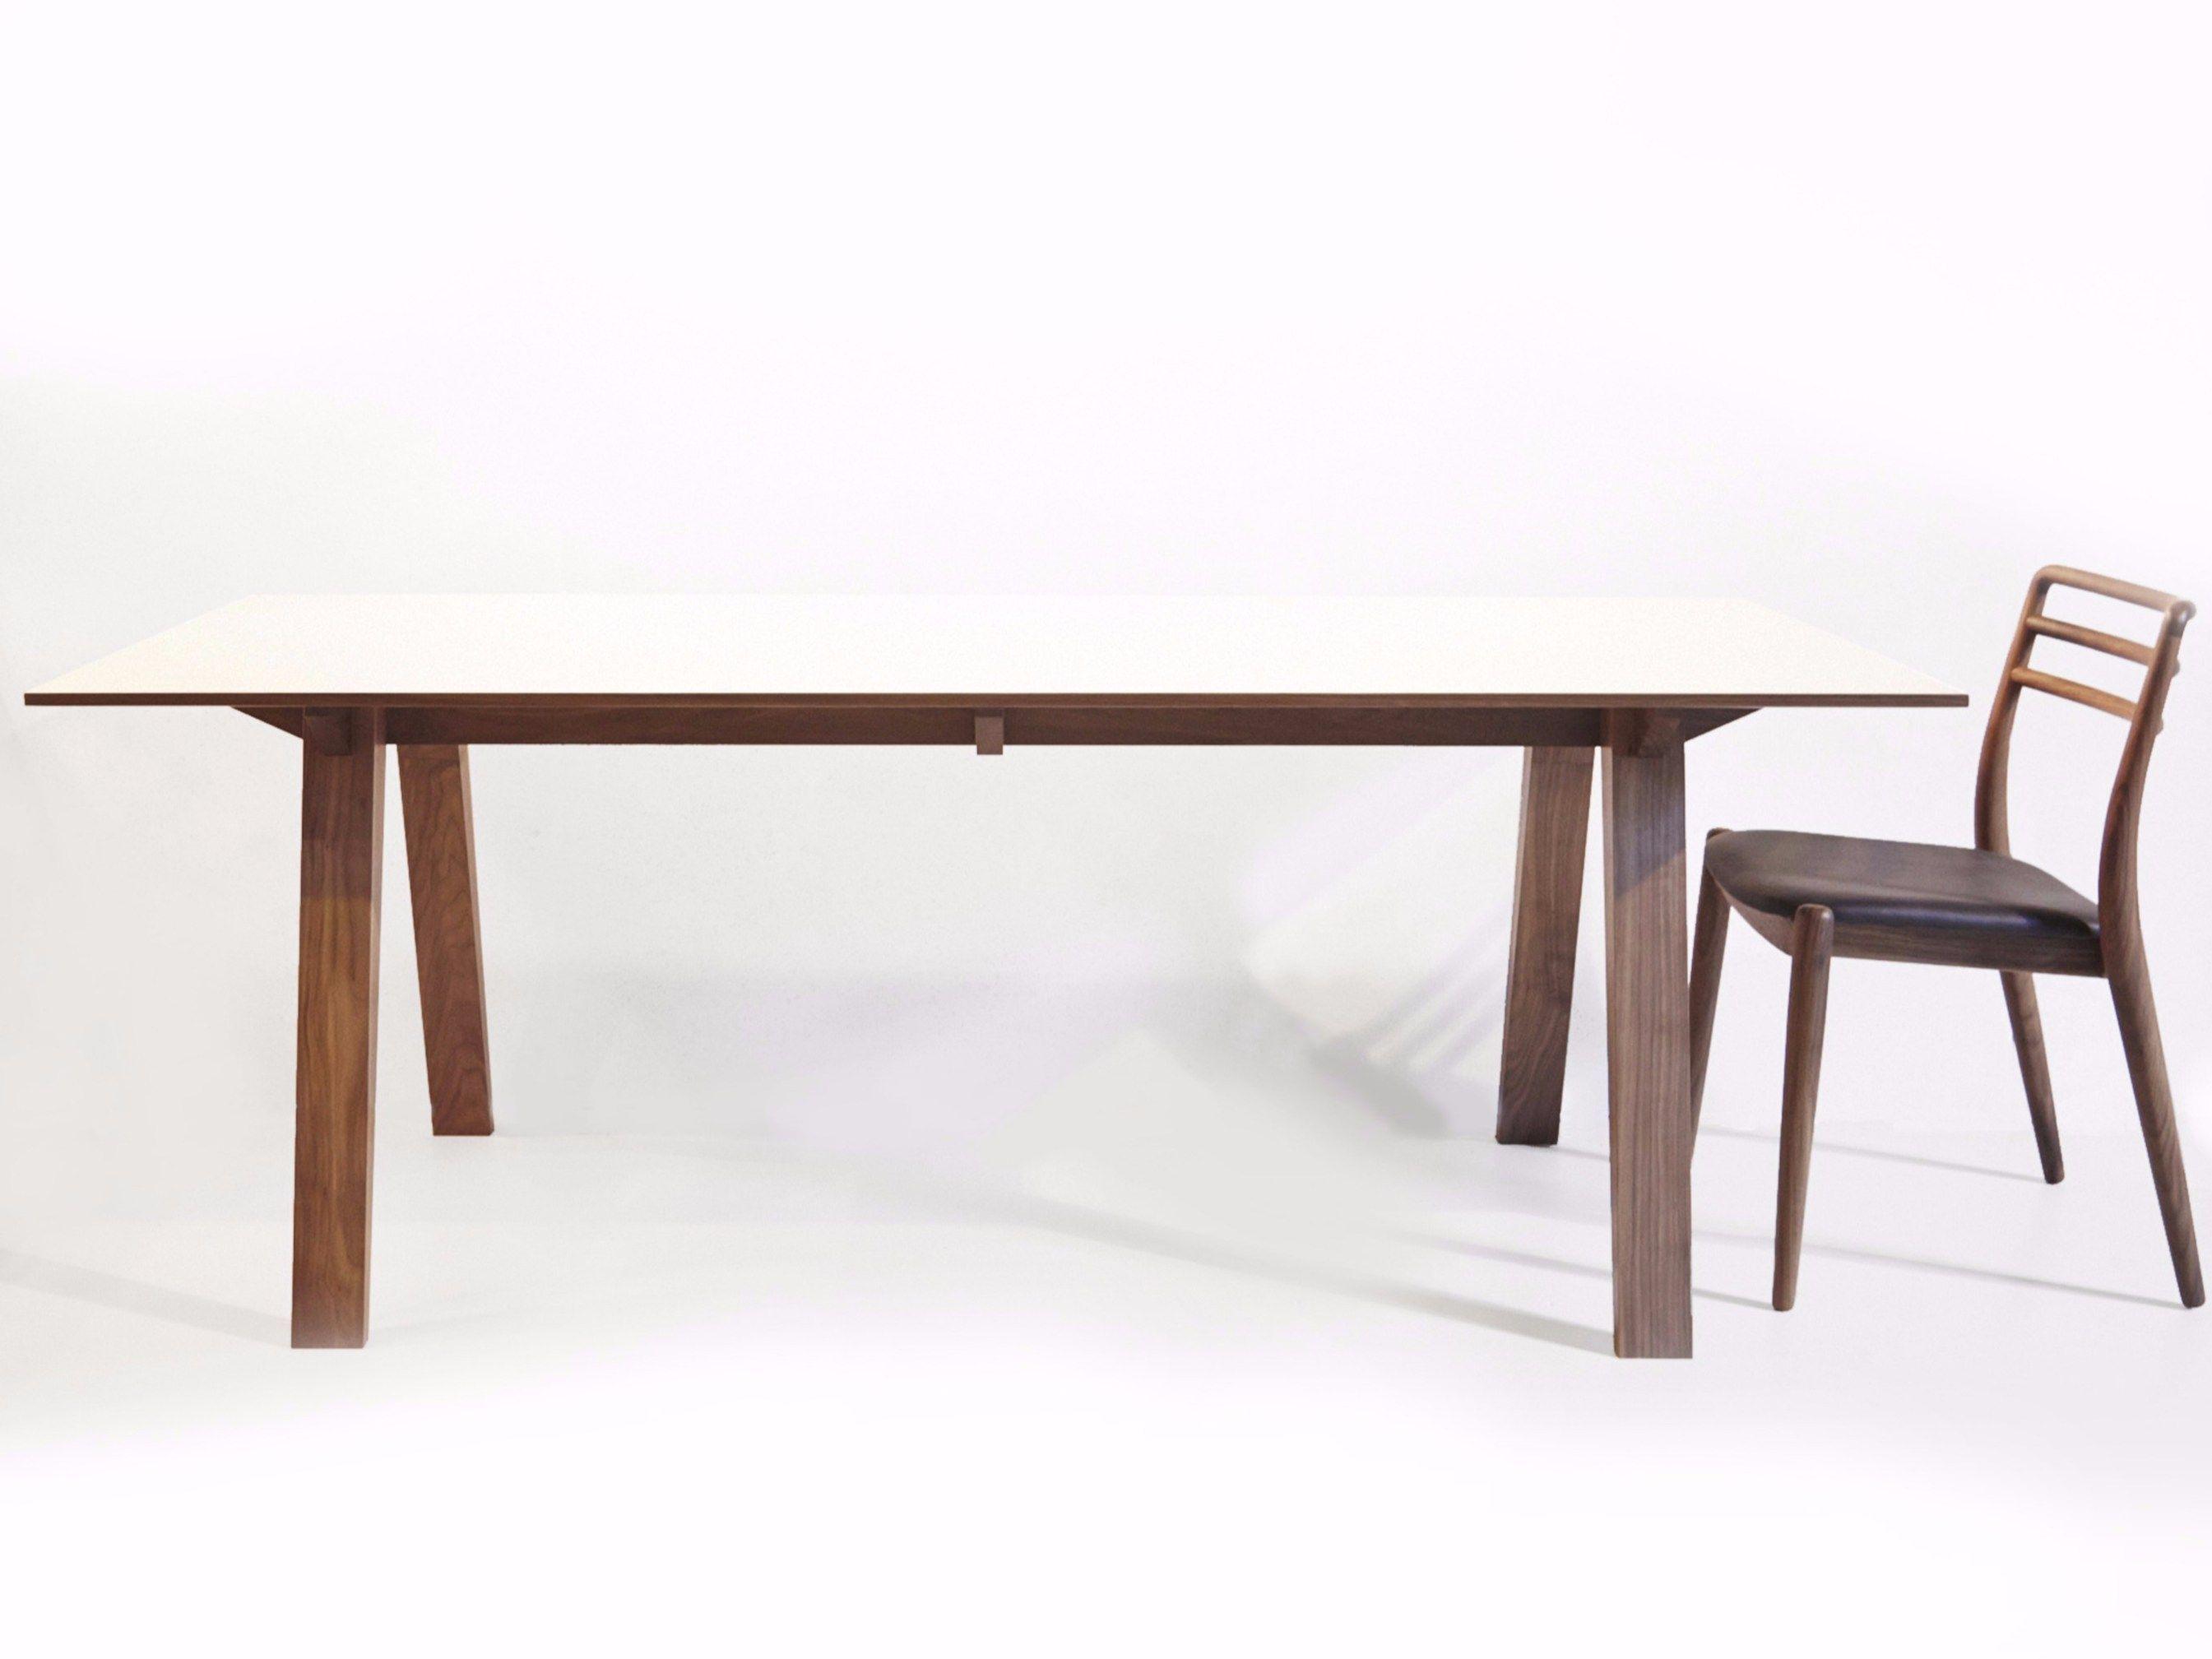 Tavolo da pranzo in legno norton by dare studio design for Tavolo da studio